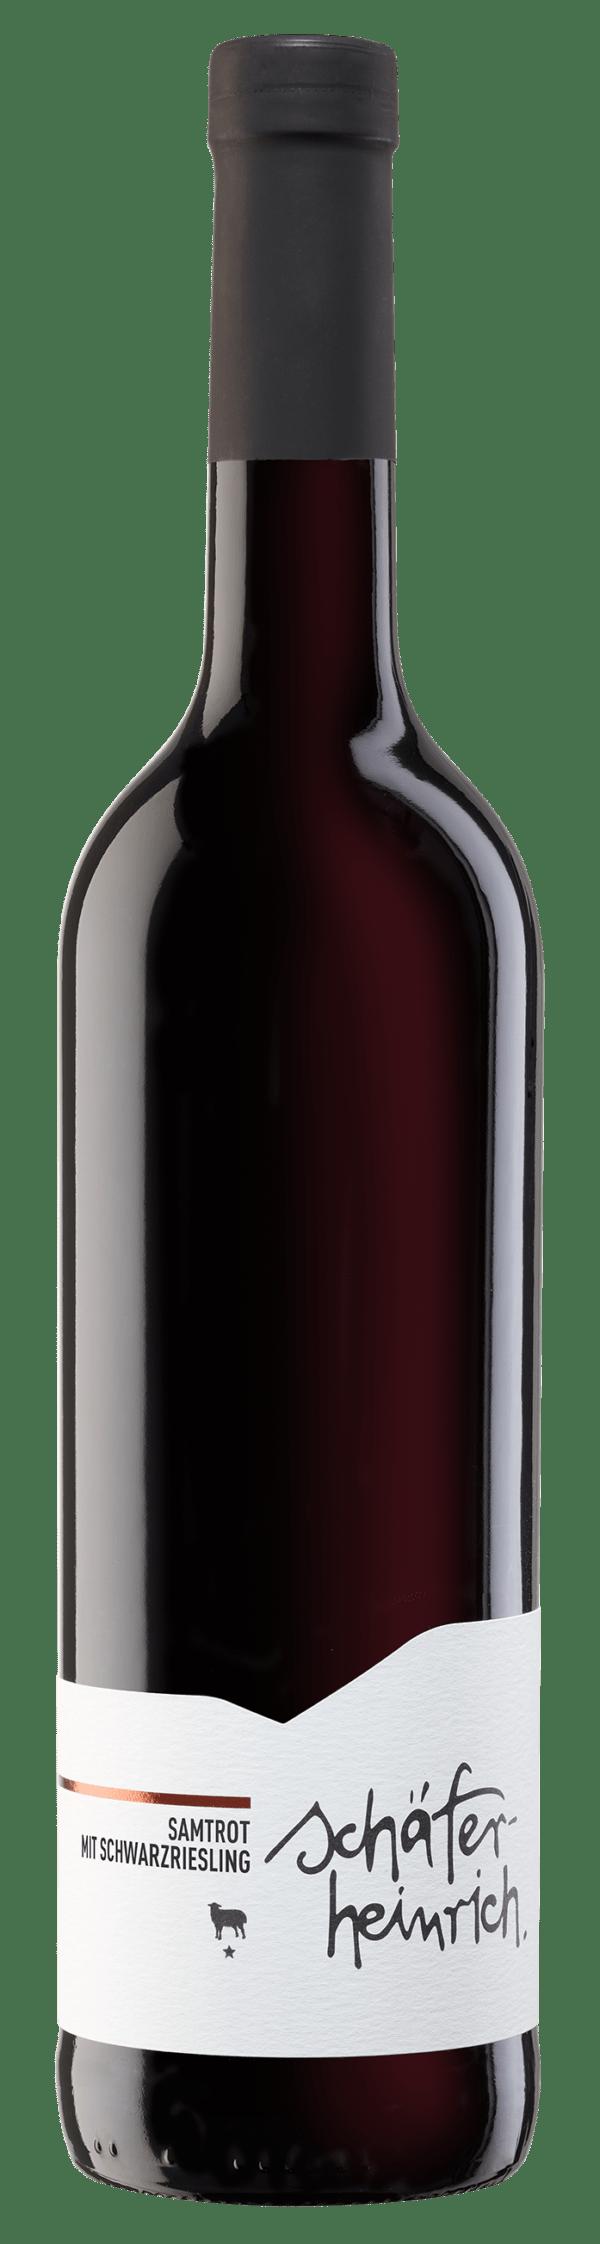 Weingut Schäfer-Heinrich 2018 Samtrot mit Schwarzriesling Heilbronner Staufenberg 6x750ml